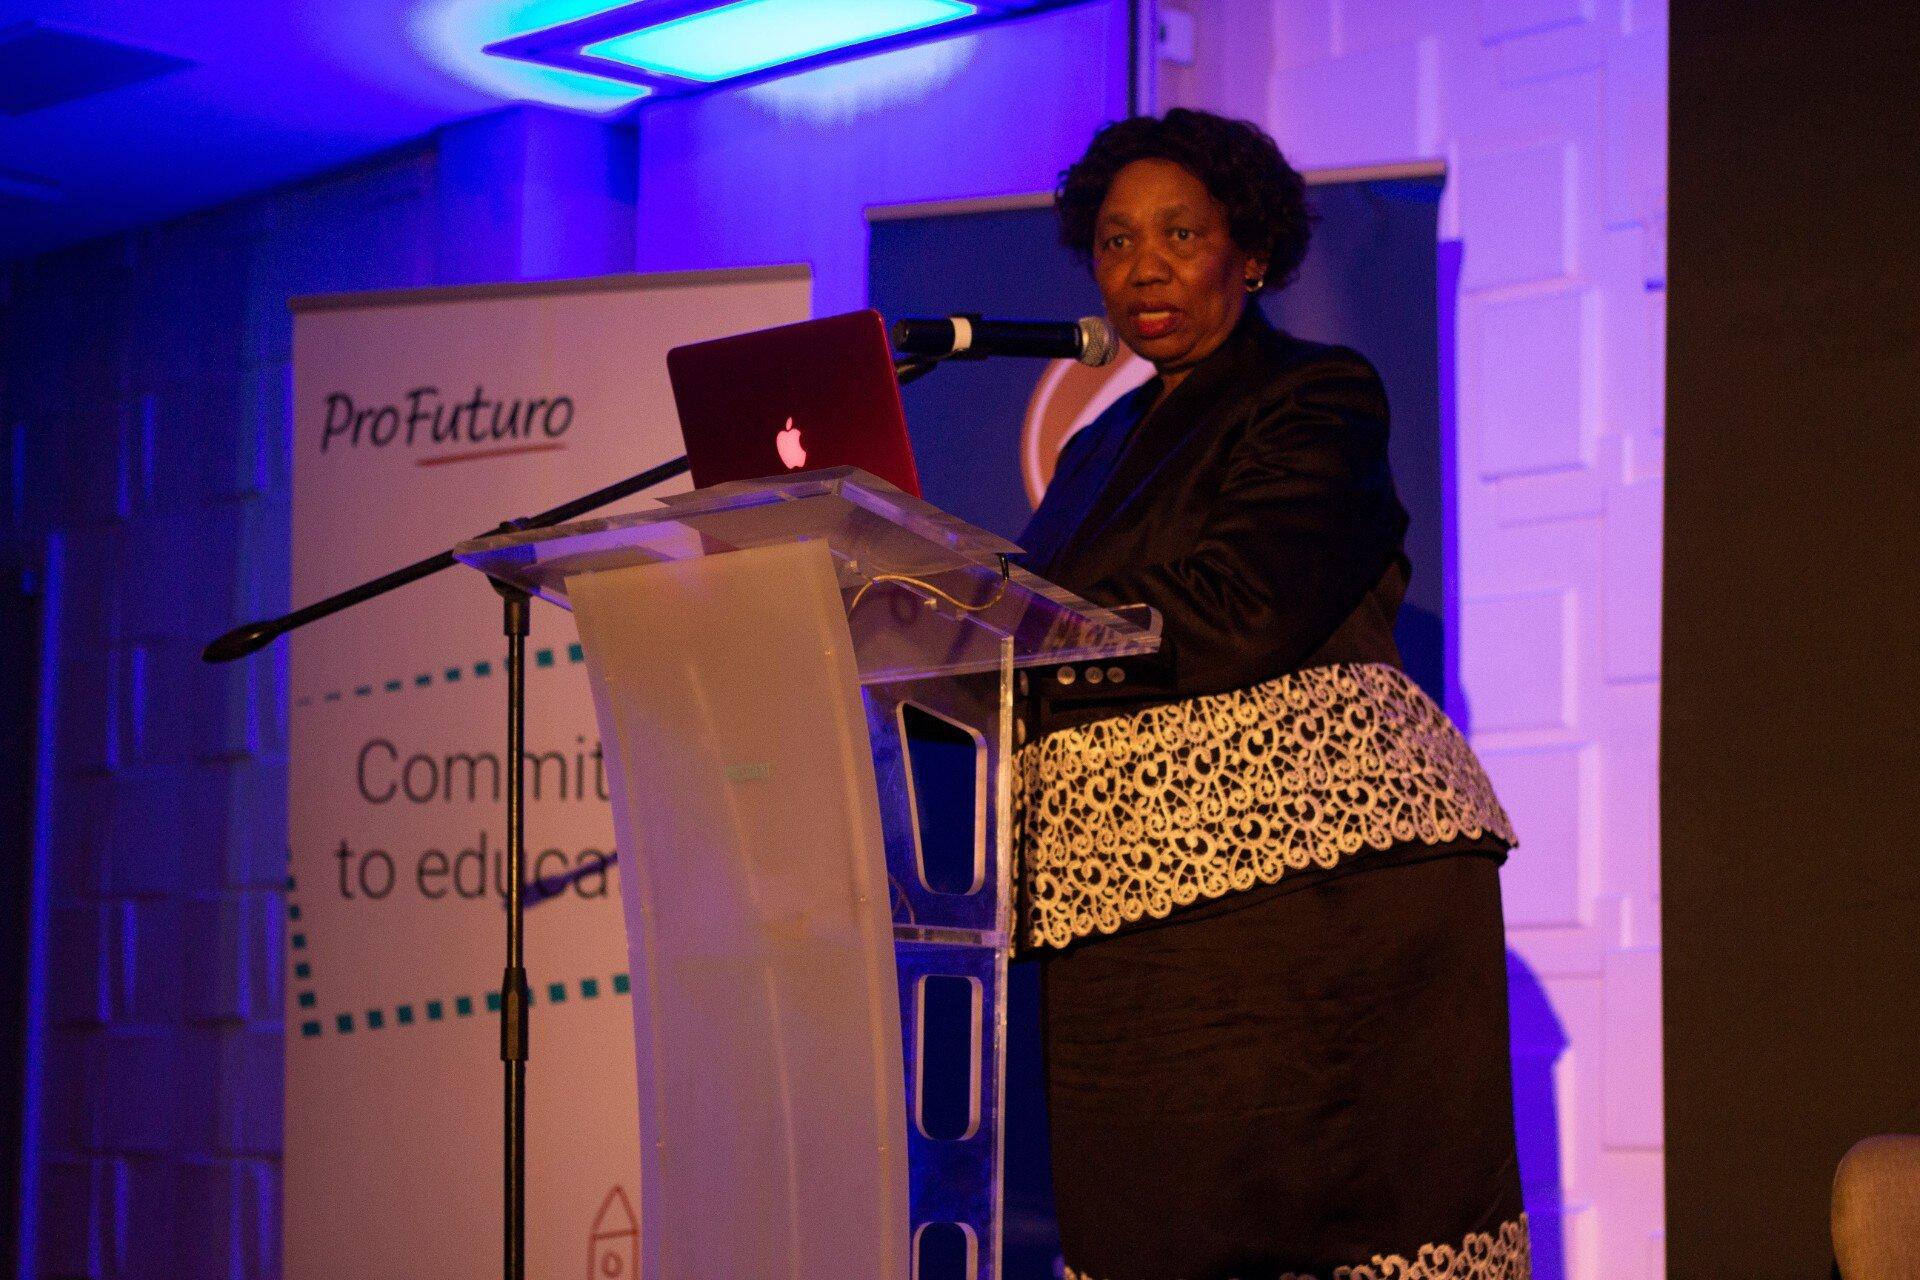 Minister of Basic Education Angie Motshekga